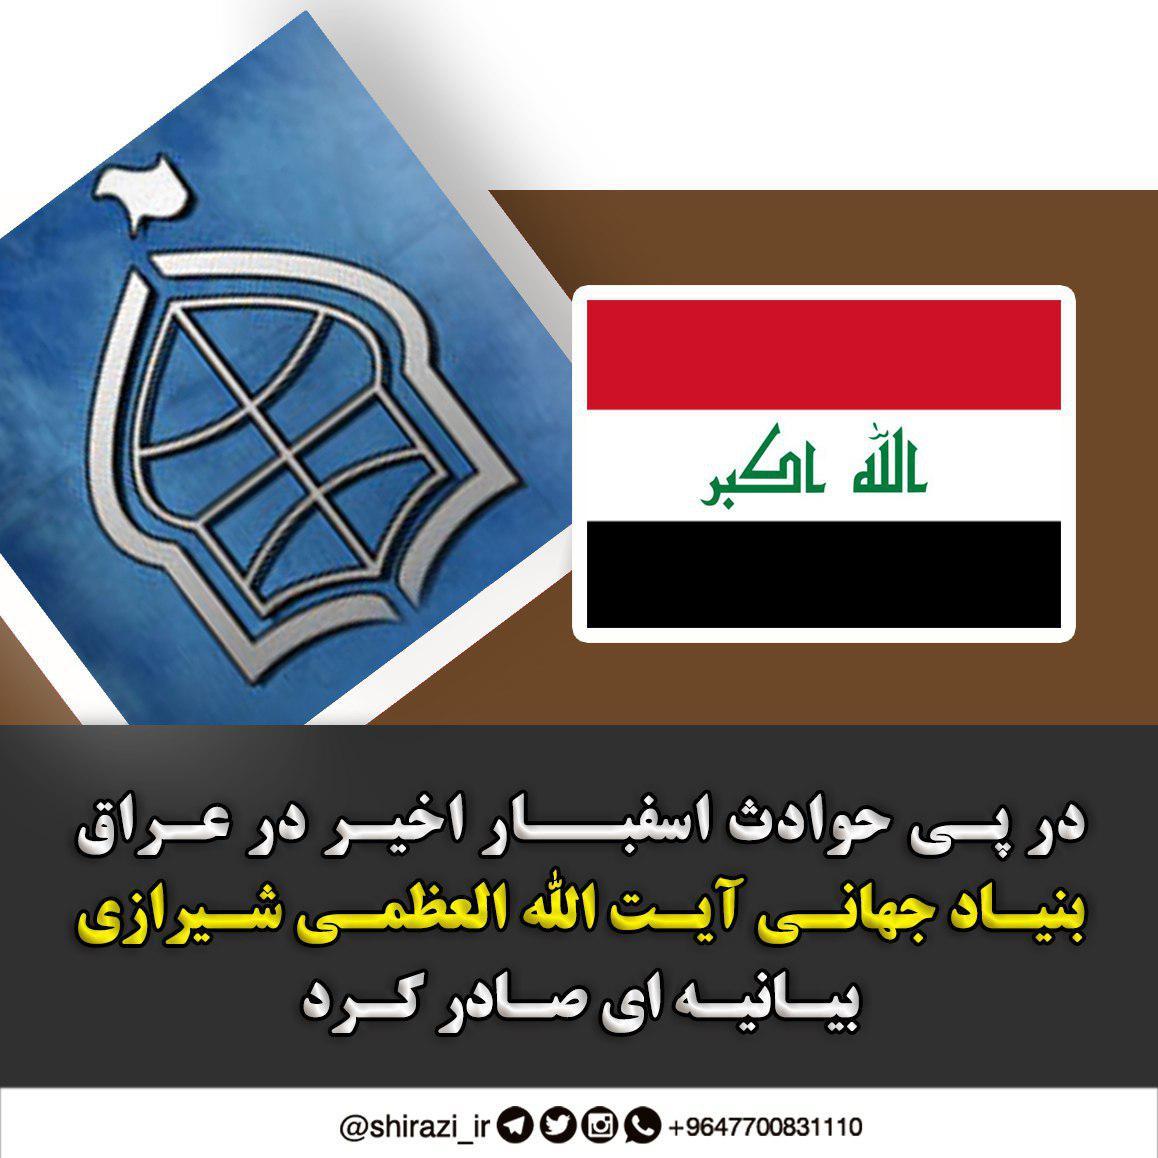 تصویر بیانیه بنیاد جهانی آیت الله العظمی شیرازی درباره حوادث اسفبار اخیر در عراق